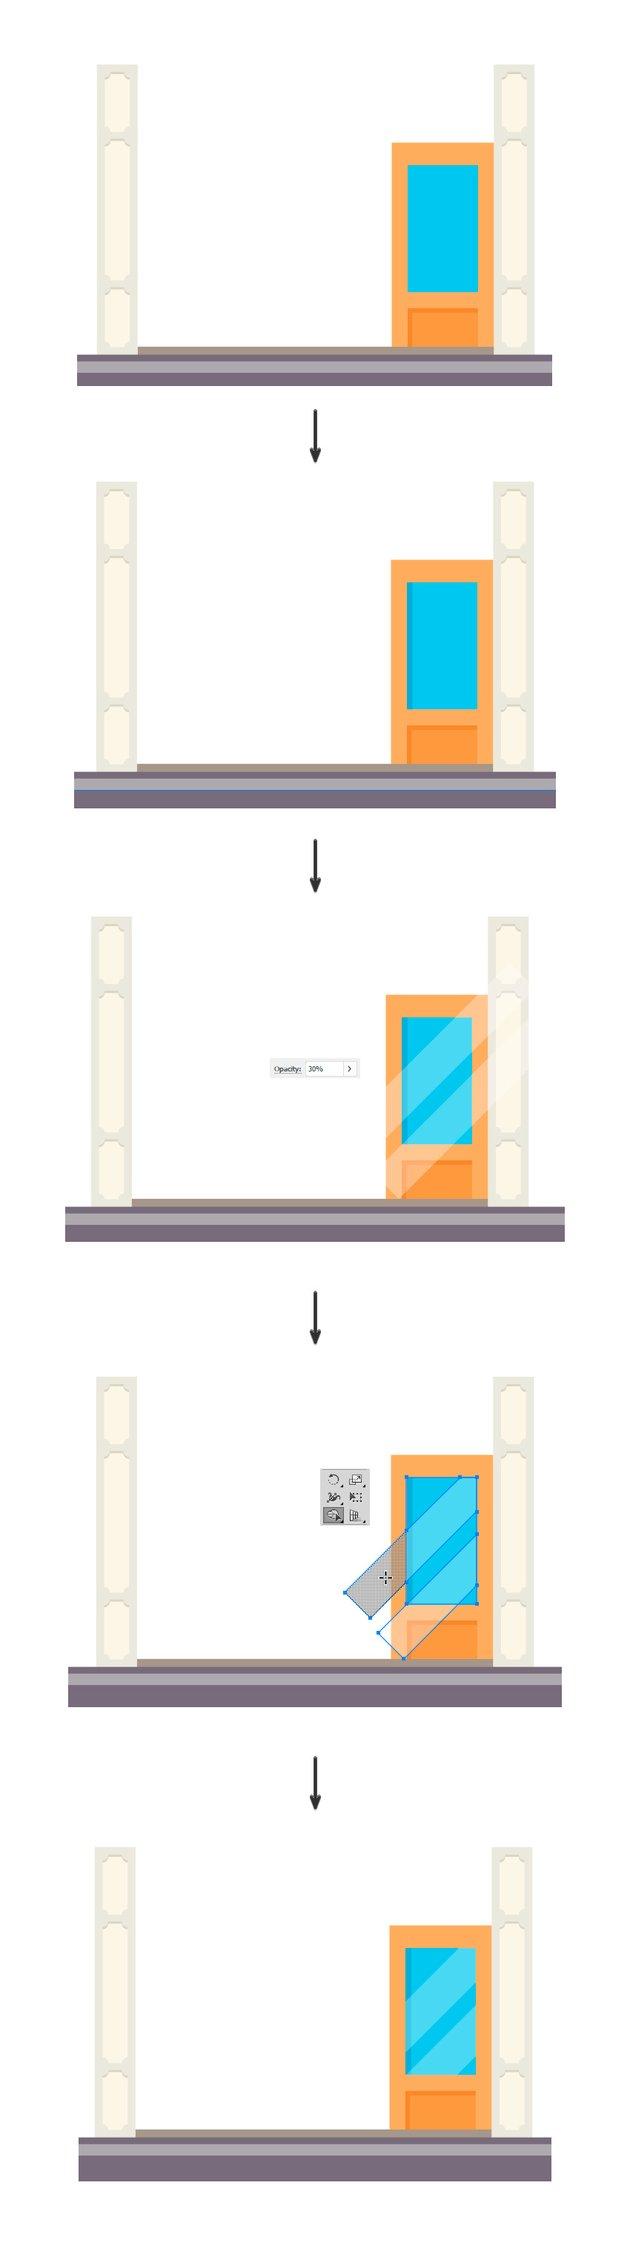 Adding details in the window of the door